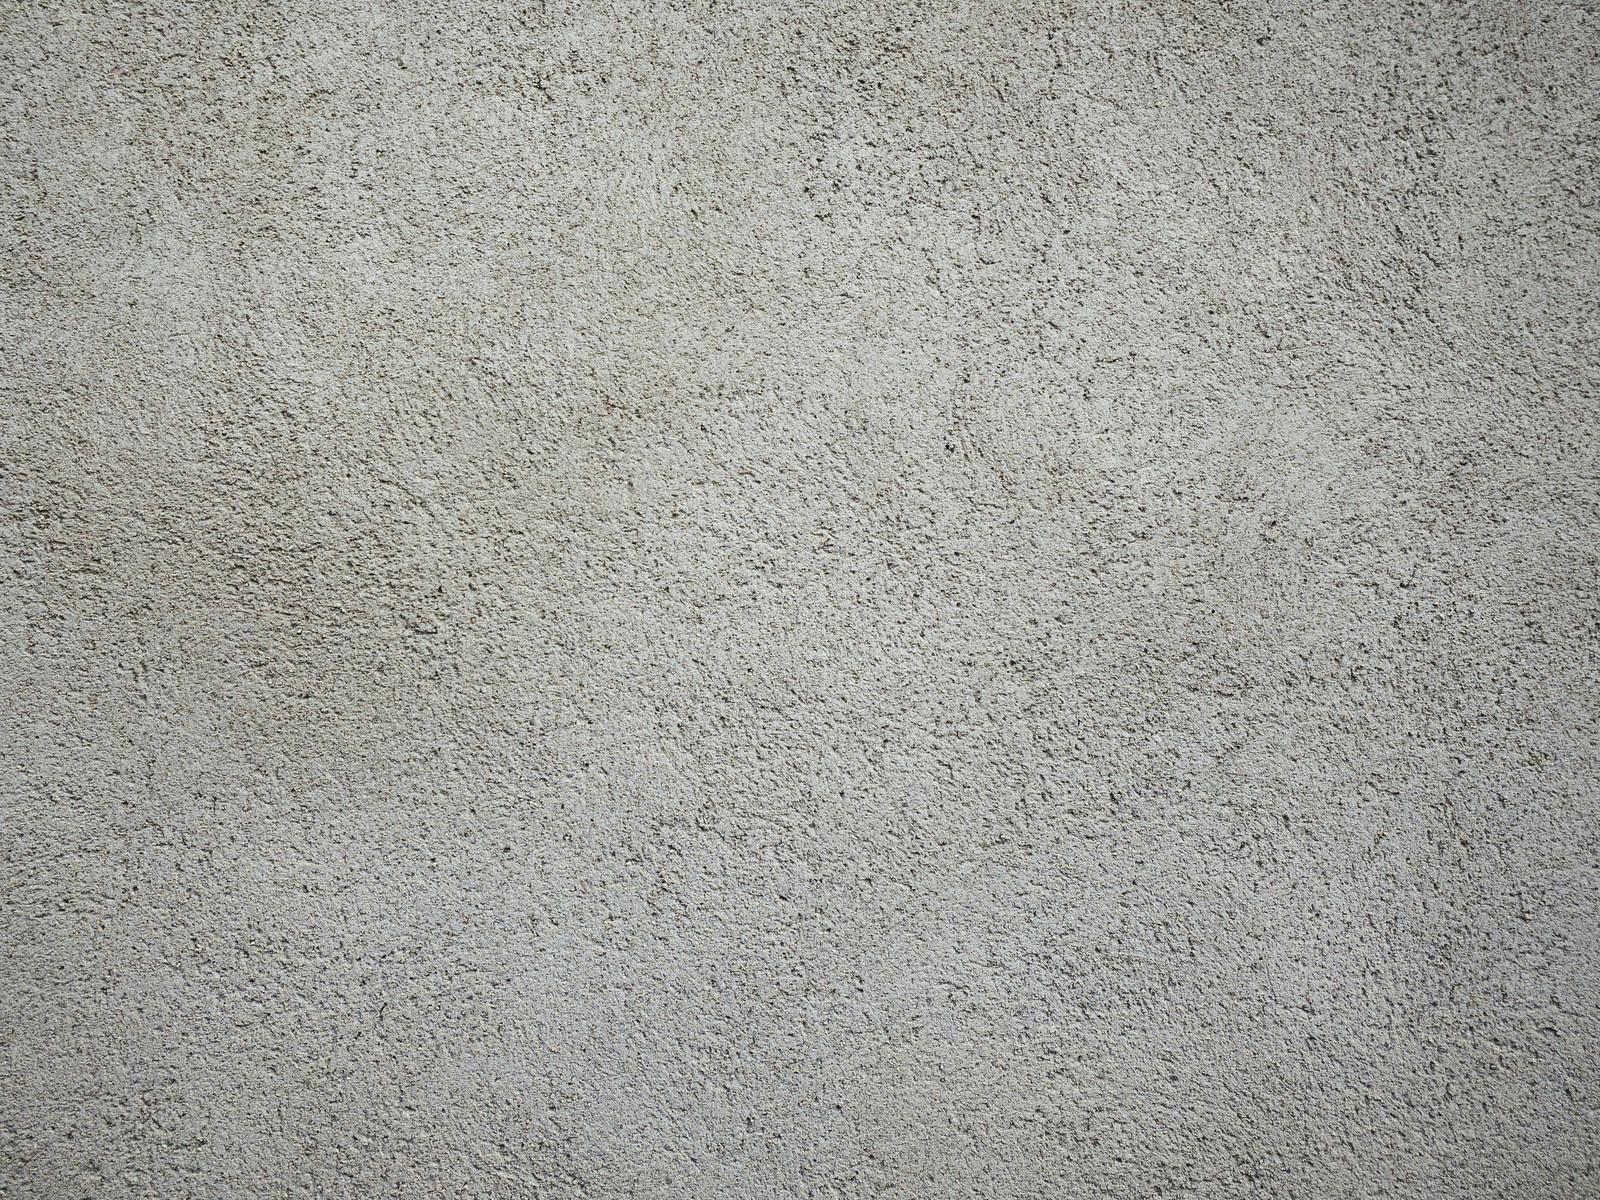 「粗いコンクリート壁(テクスチャ)」の写真